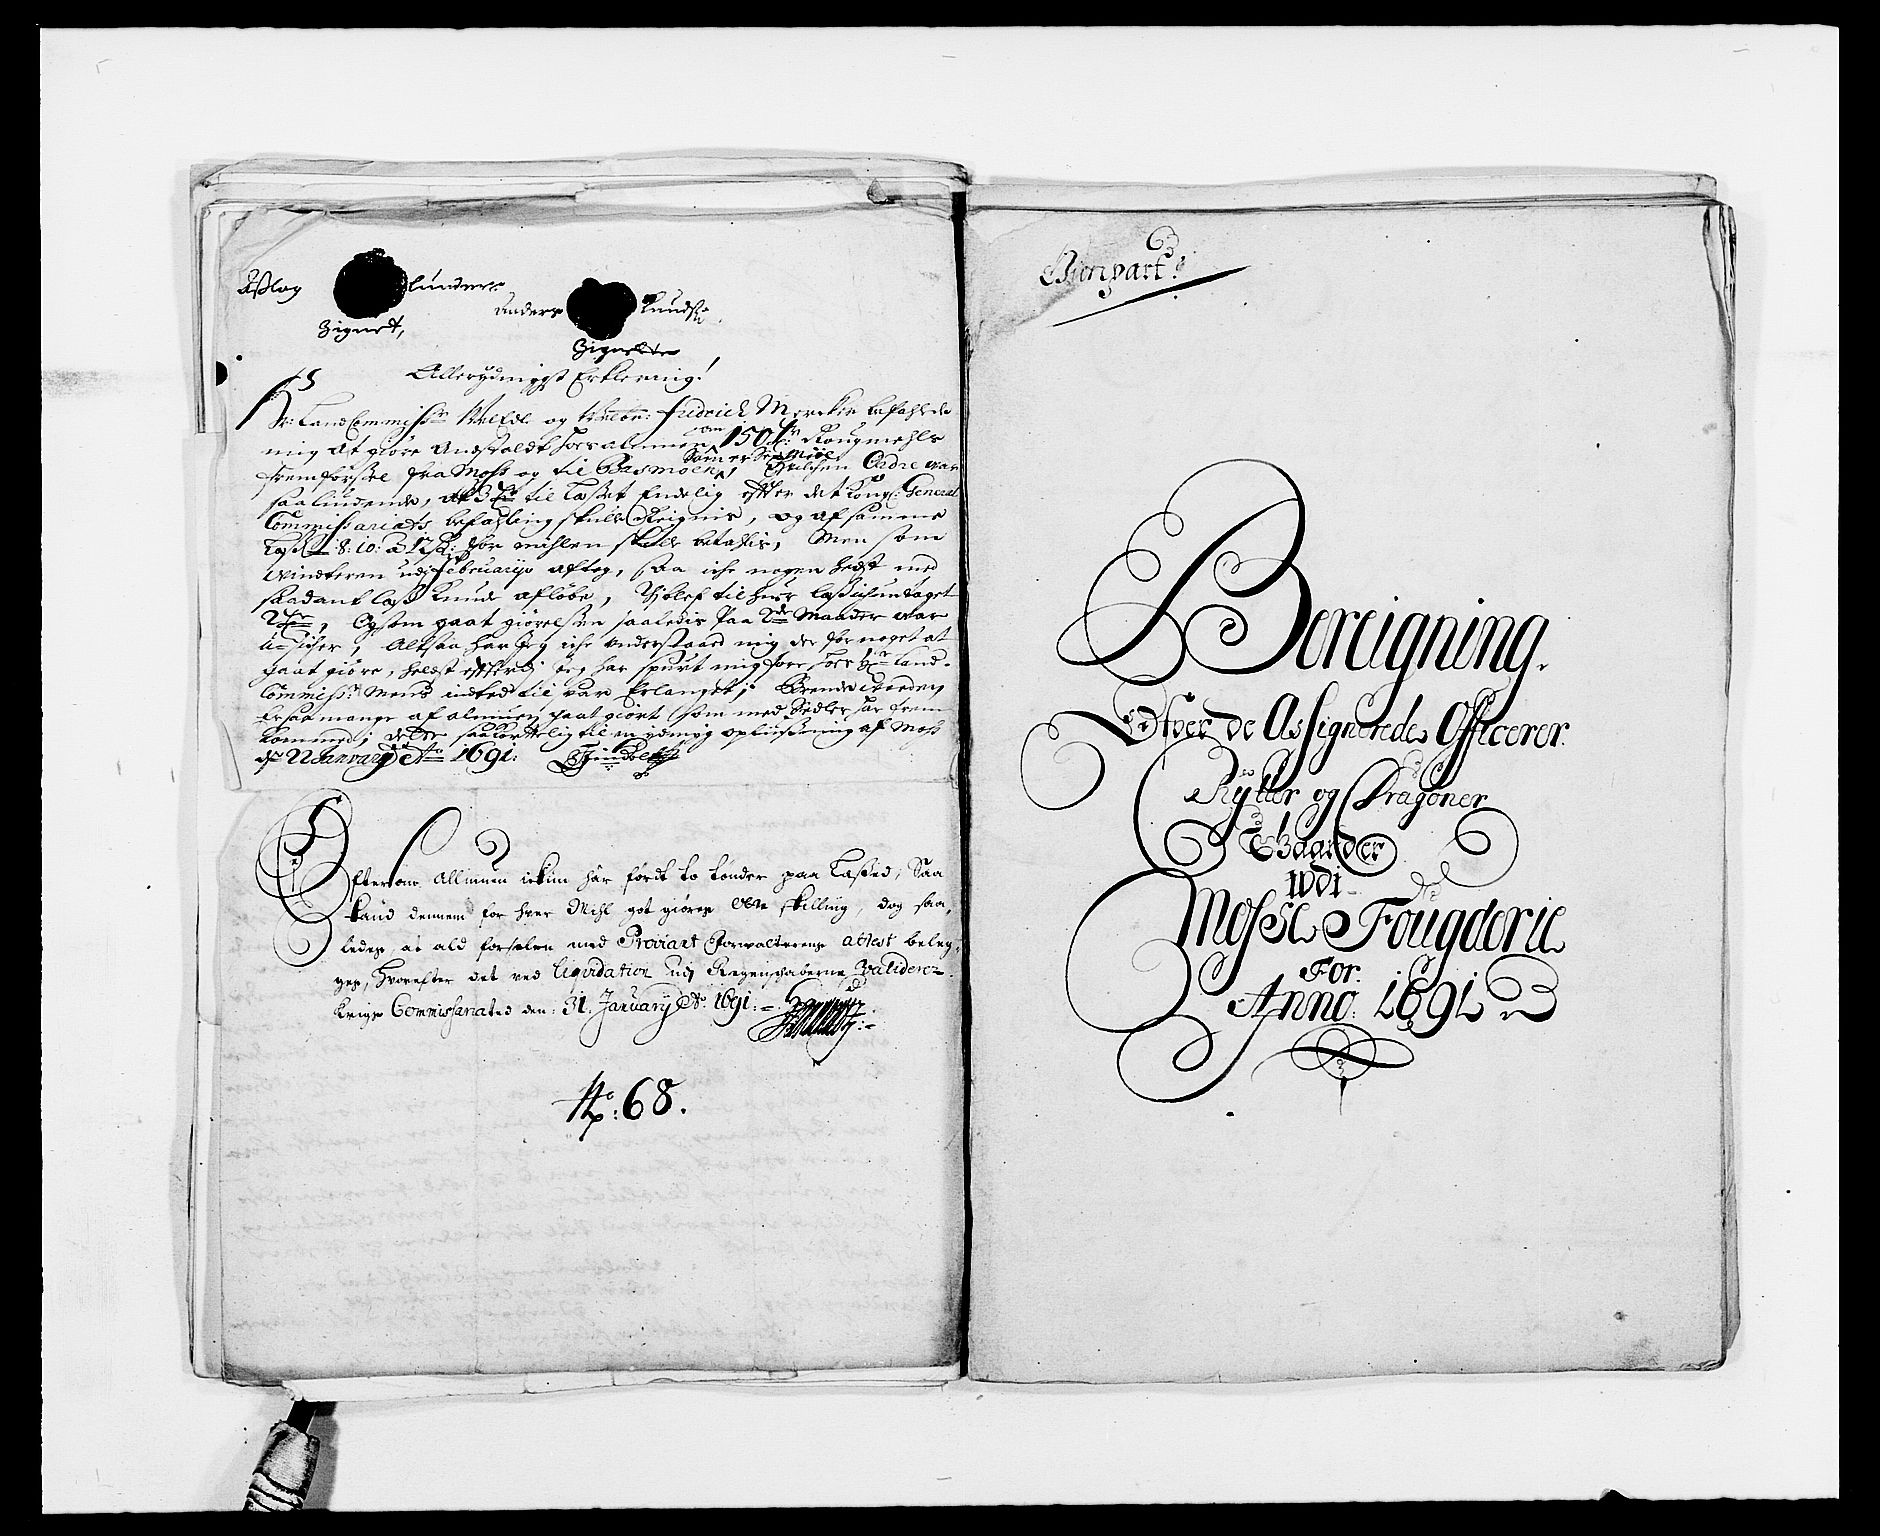 RA, Rentekammeret inntil 1814, Reviderte regnskaper, Fogderegnskap, R02/L0107: Fogderegnskap Moss og Verne kloster, 1685-1691, s. 328